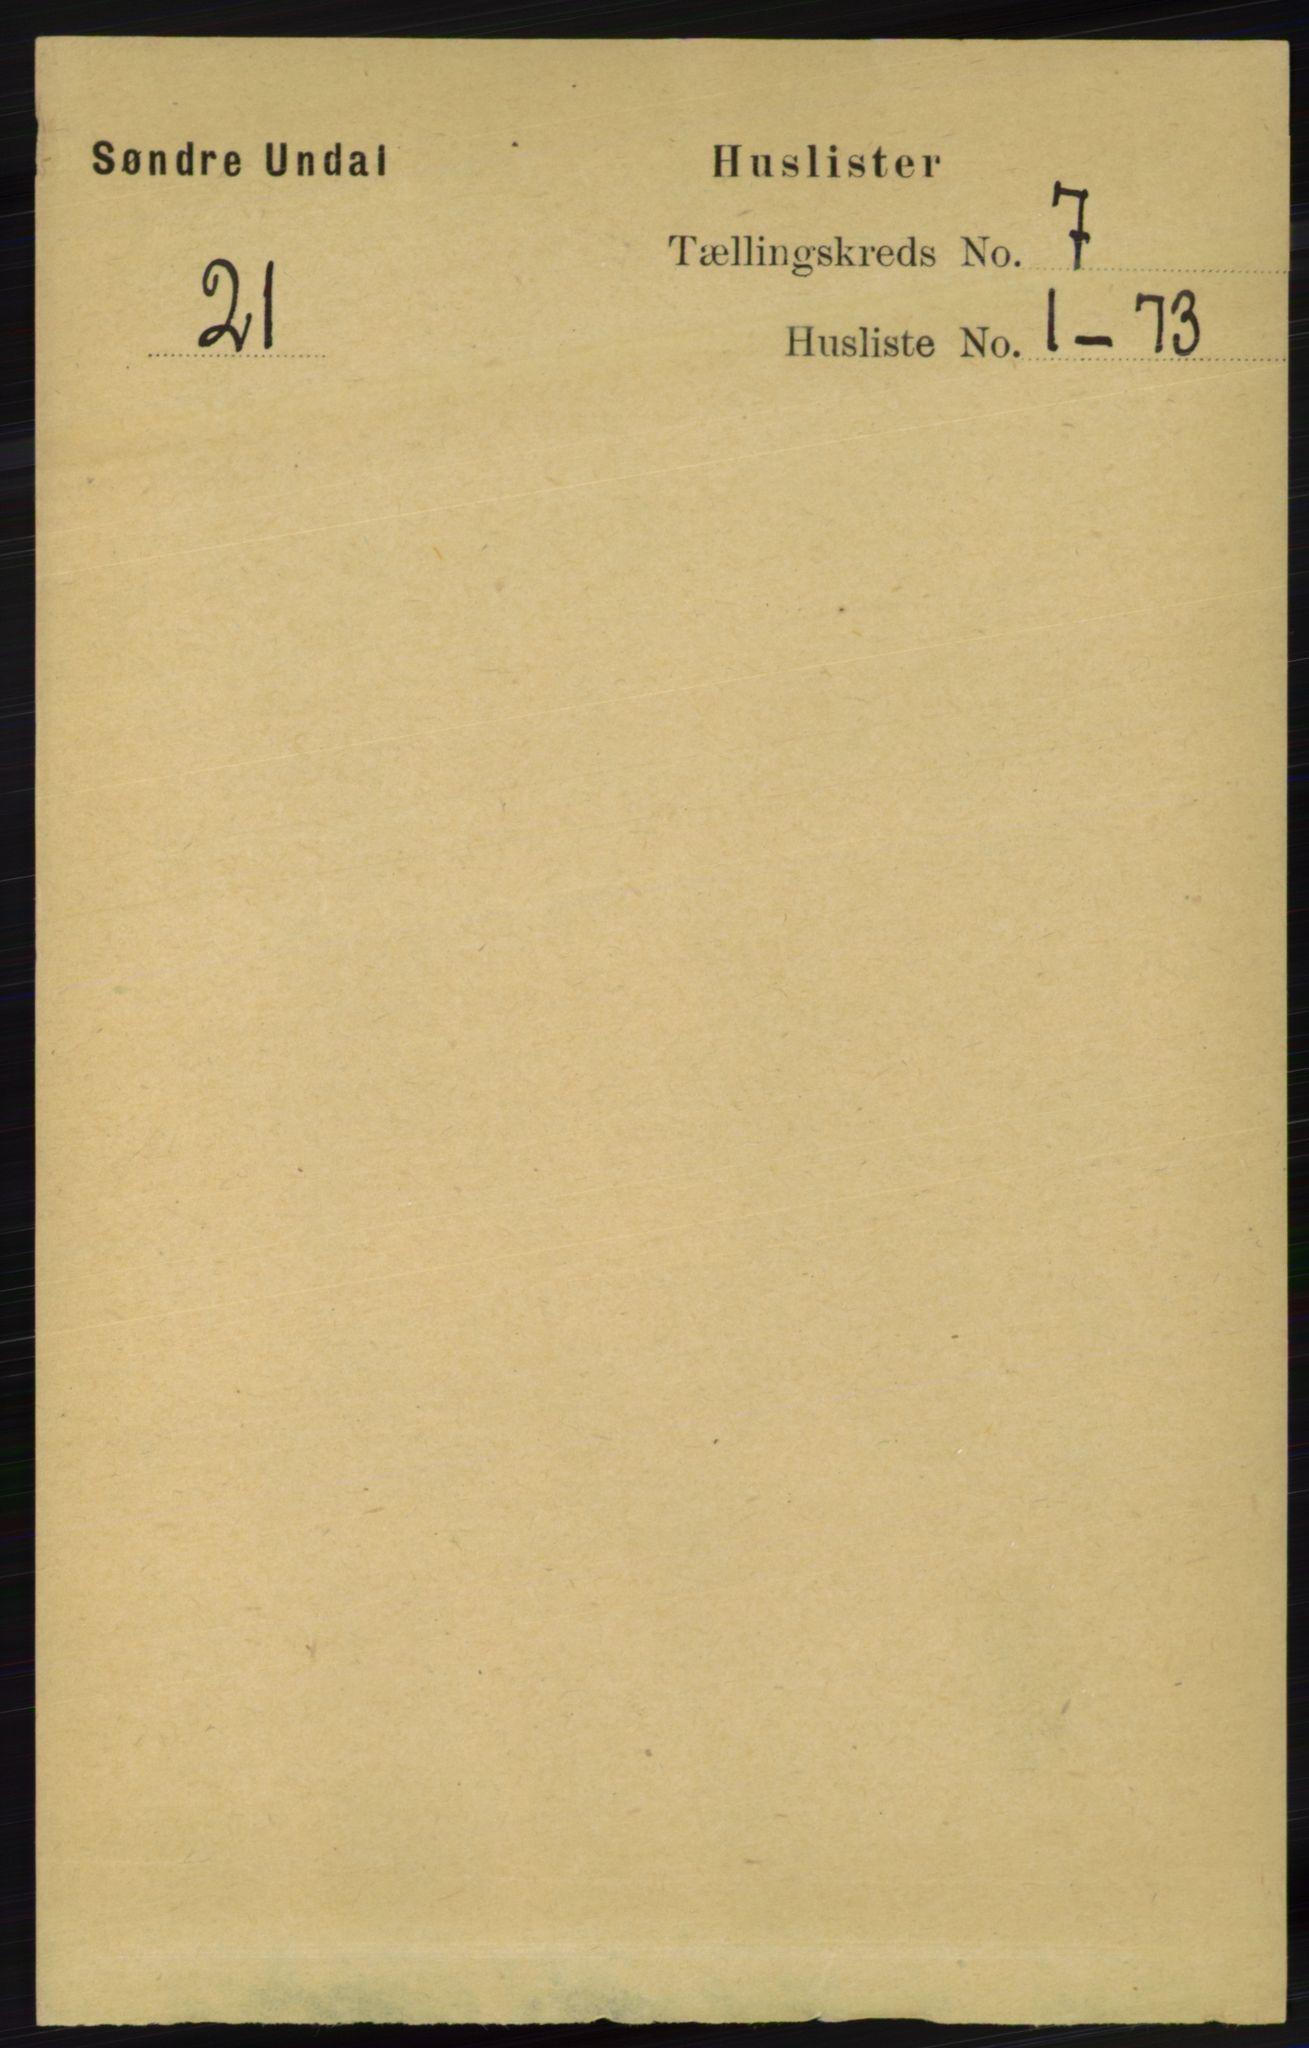 RA, Folketelling 1891 for 1029 Sør-Audnedal herred, 1891, s. 2541